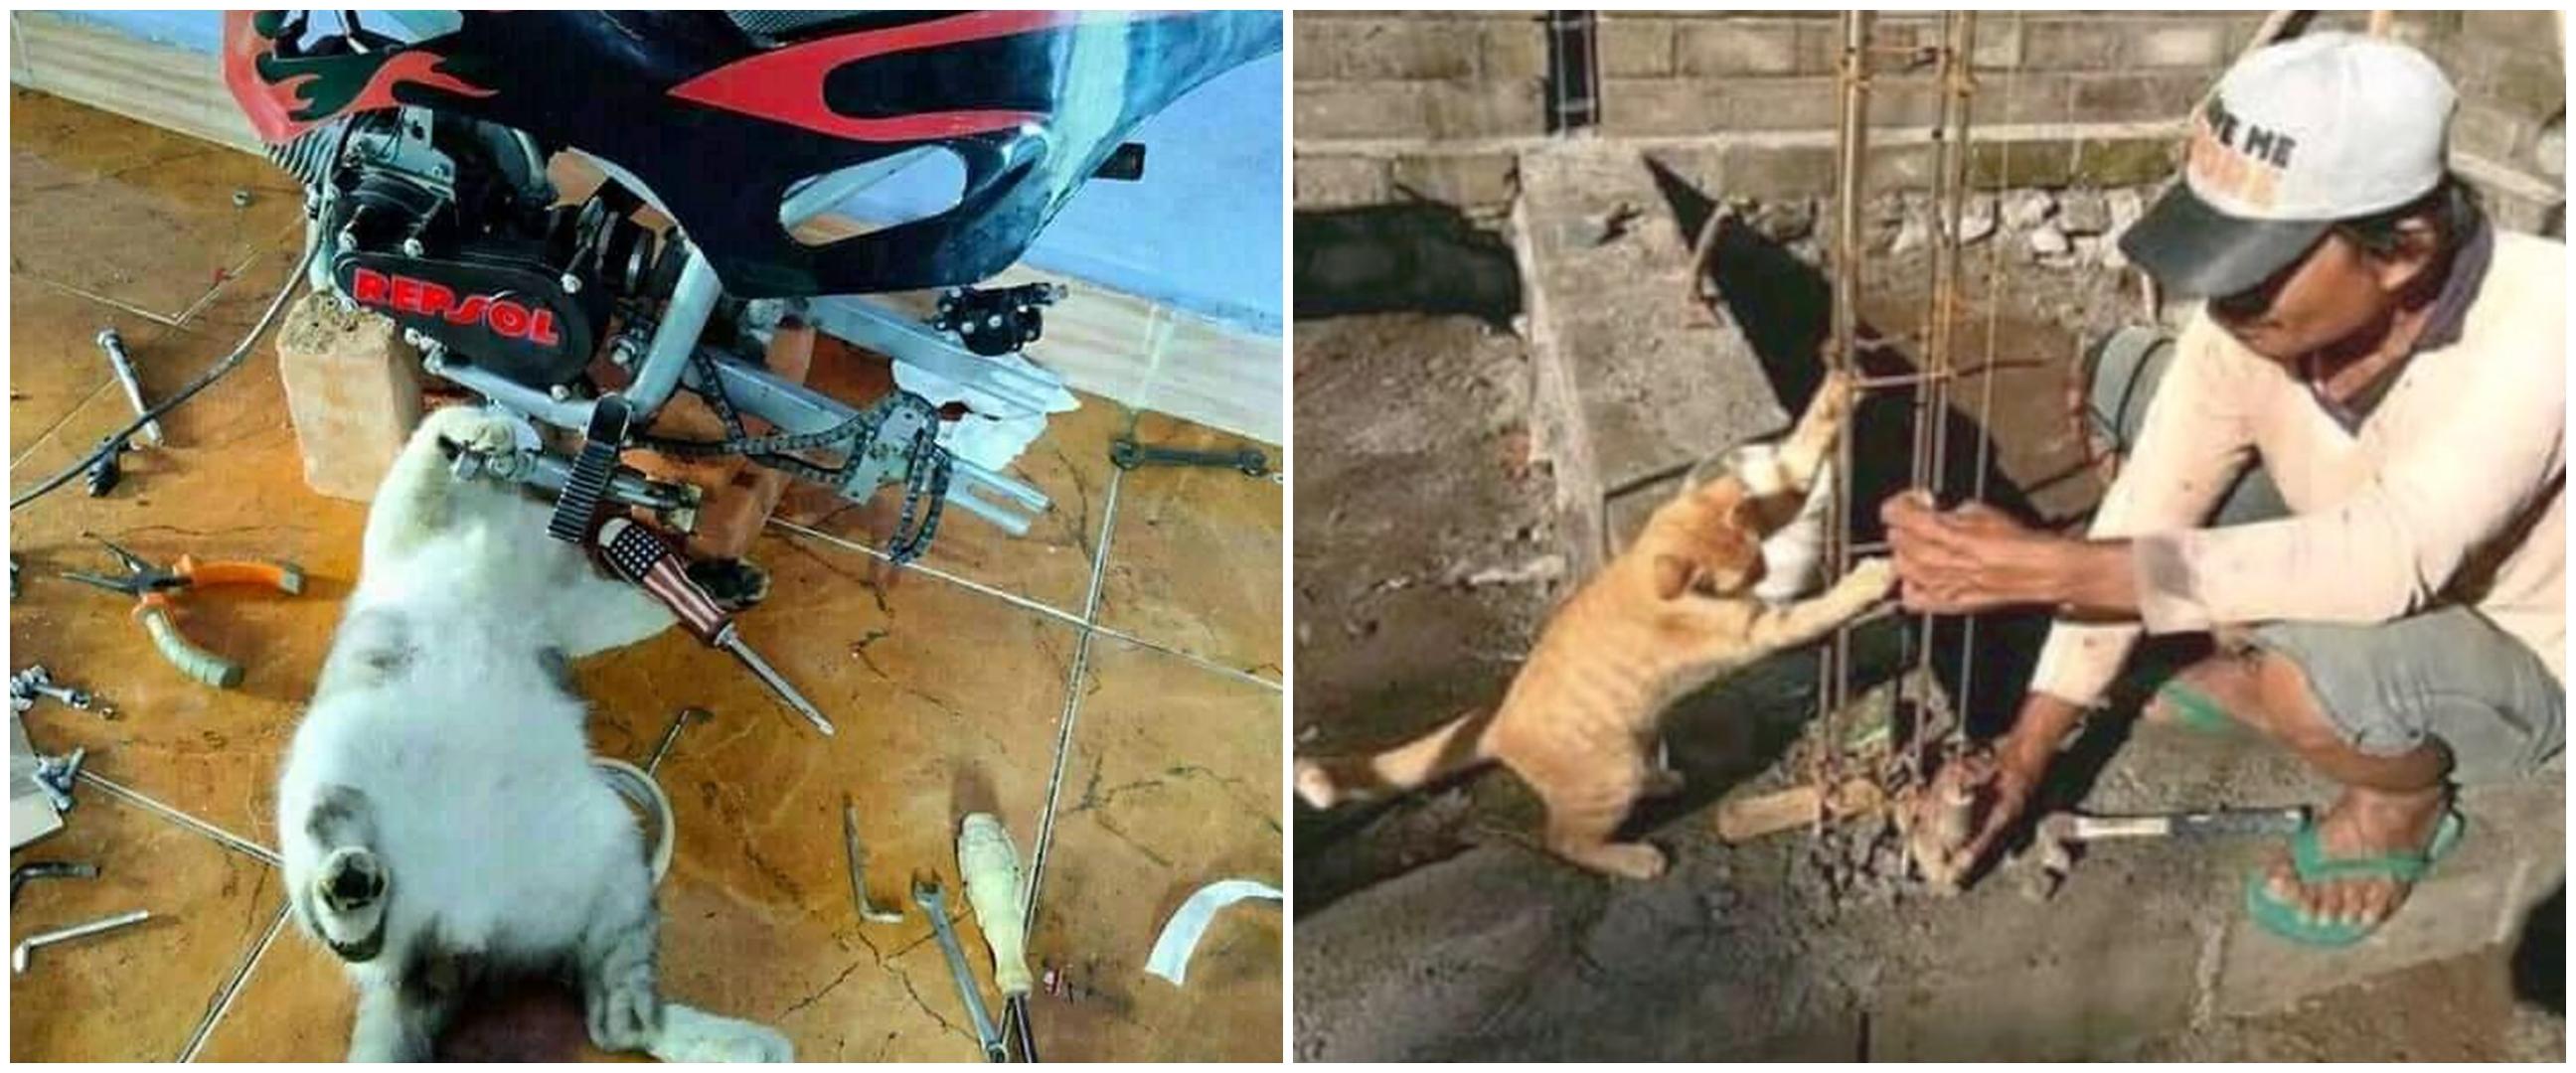 11 Momen lucu kucing dikasih pekerjaan berat, ekspresinya gemesin